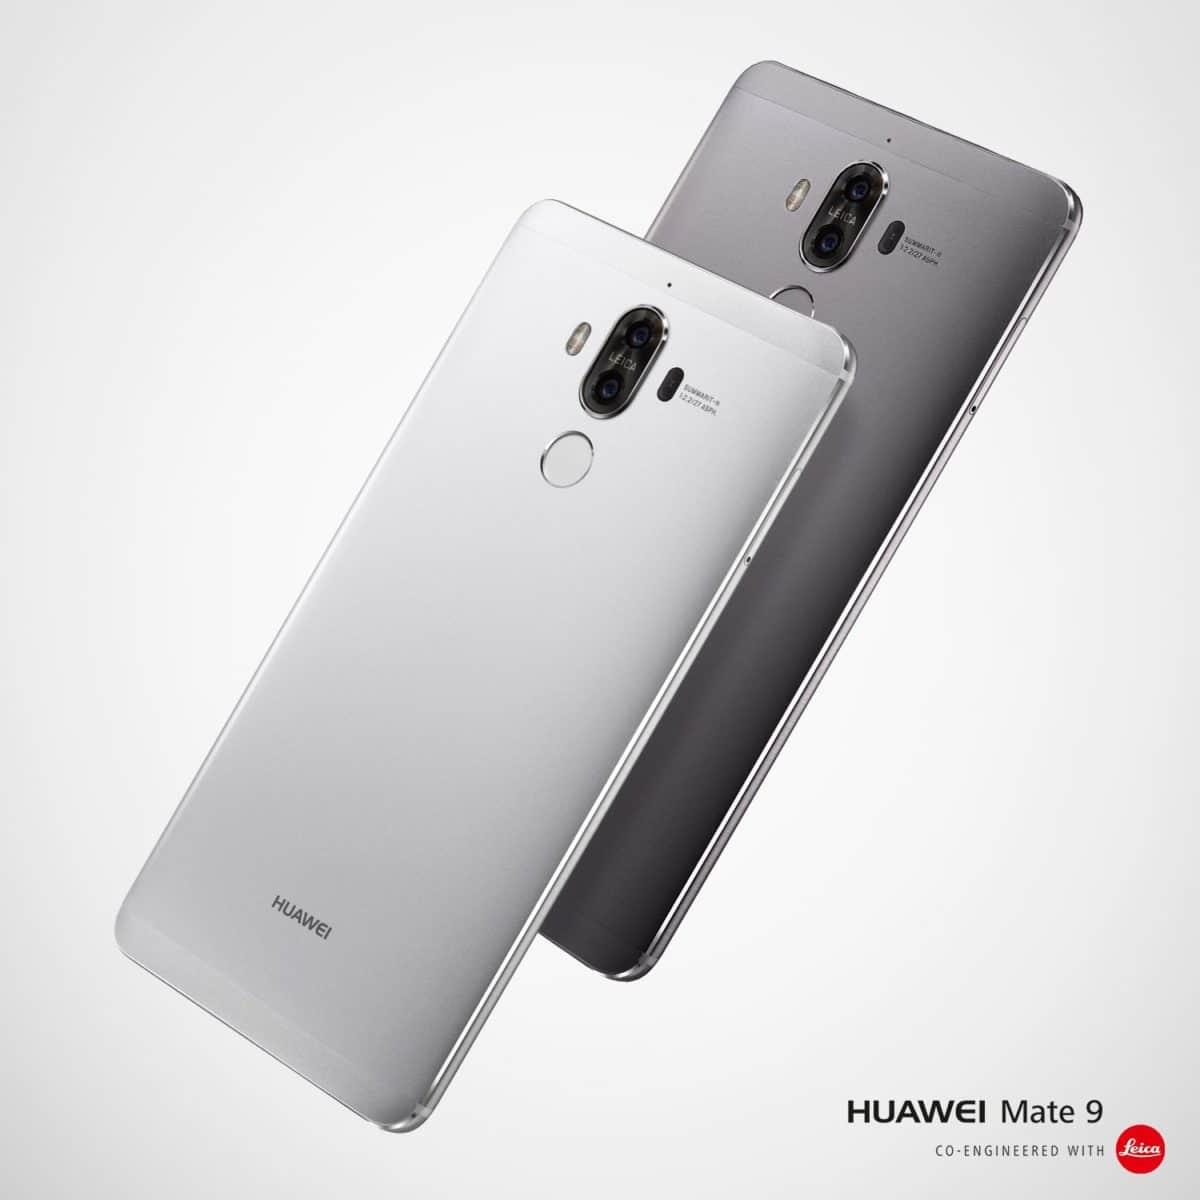 Huawei stellt das Mate 9 offiziell vor: Darf es etwas mehr sein? 1